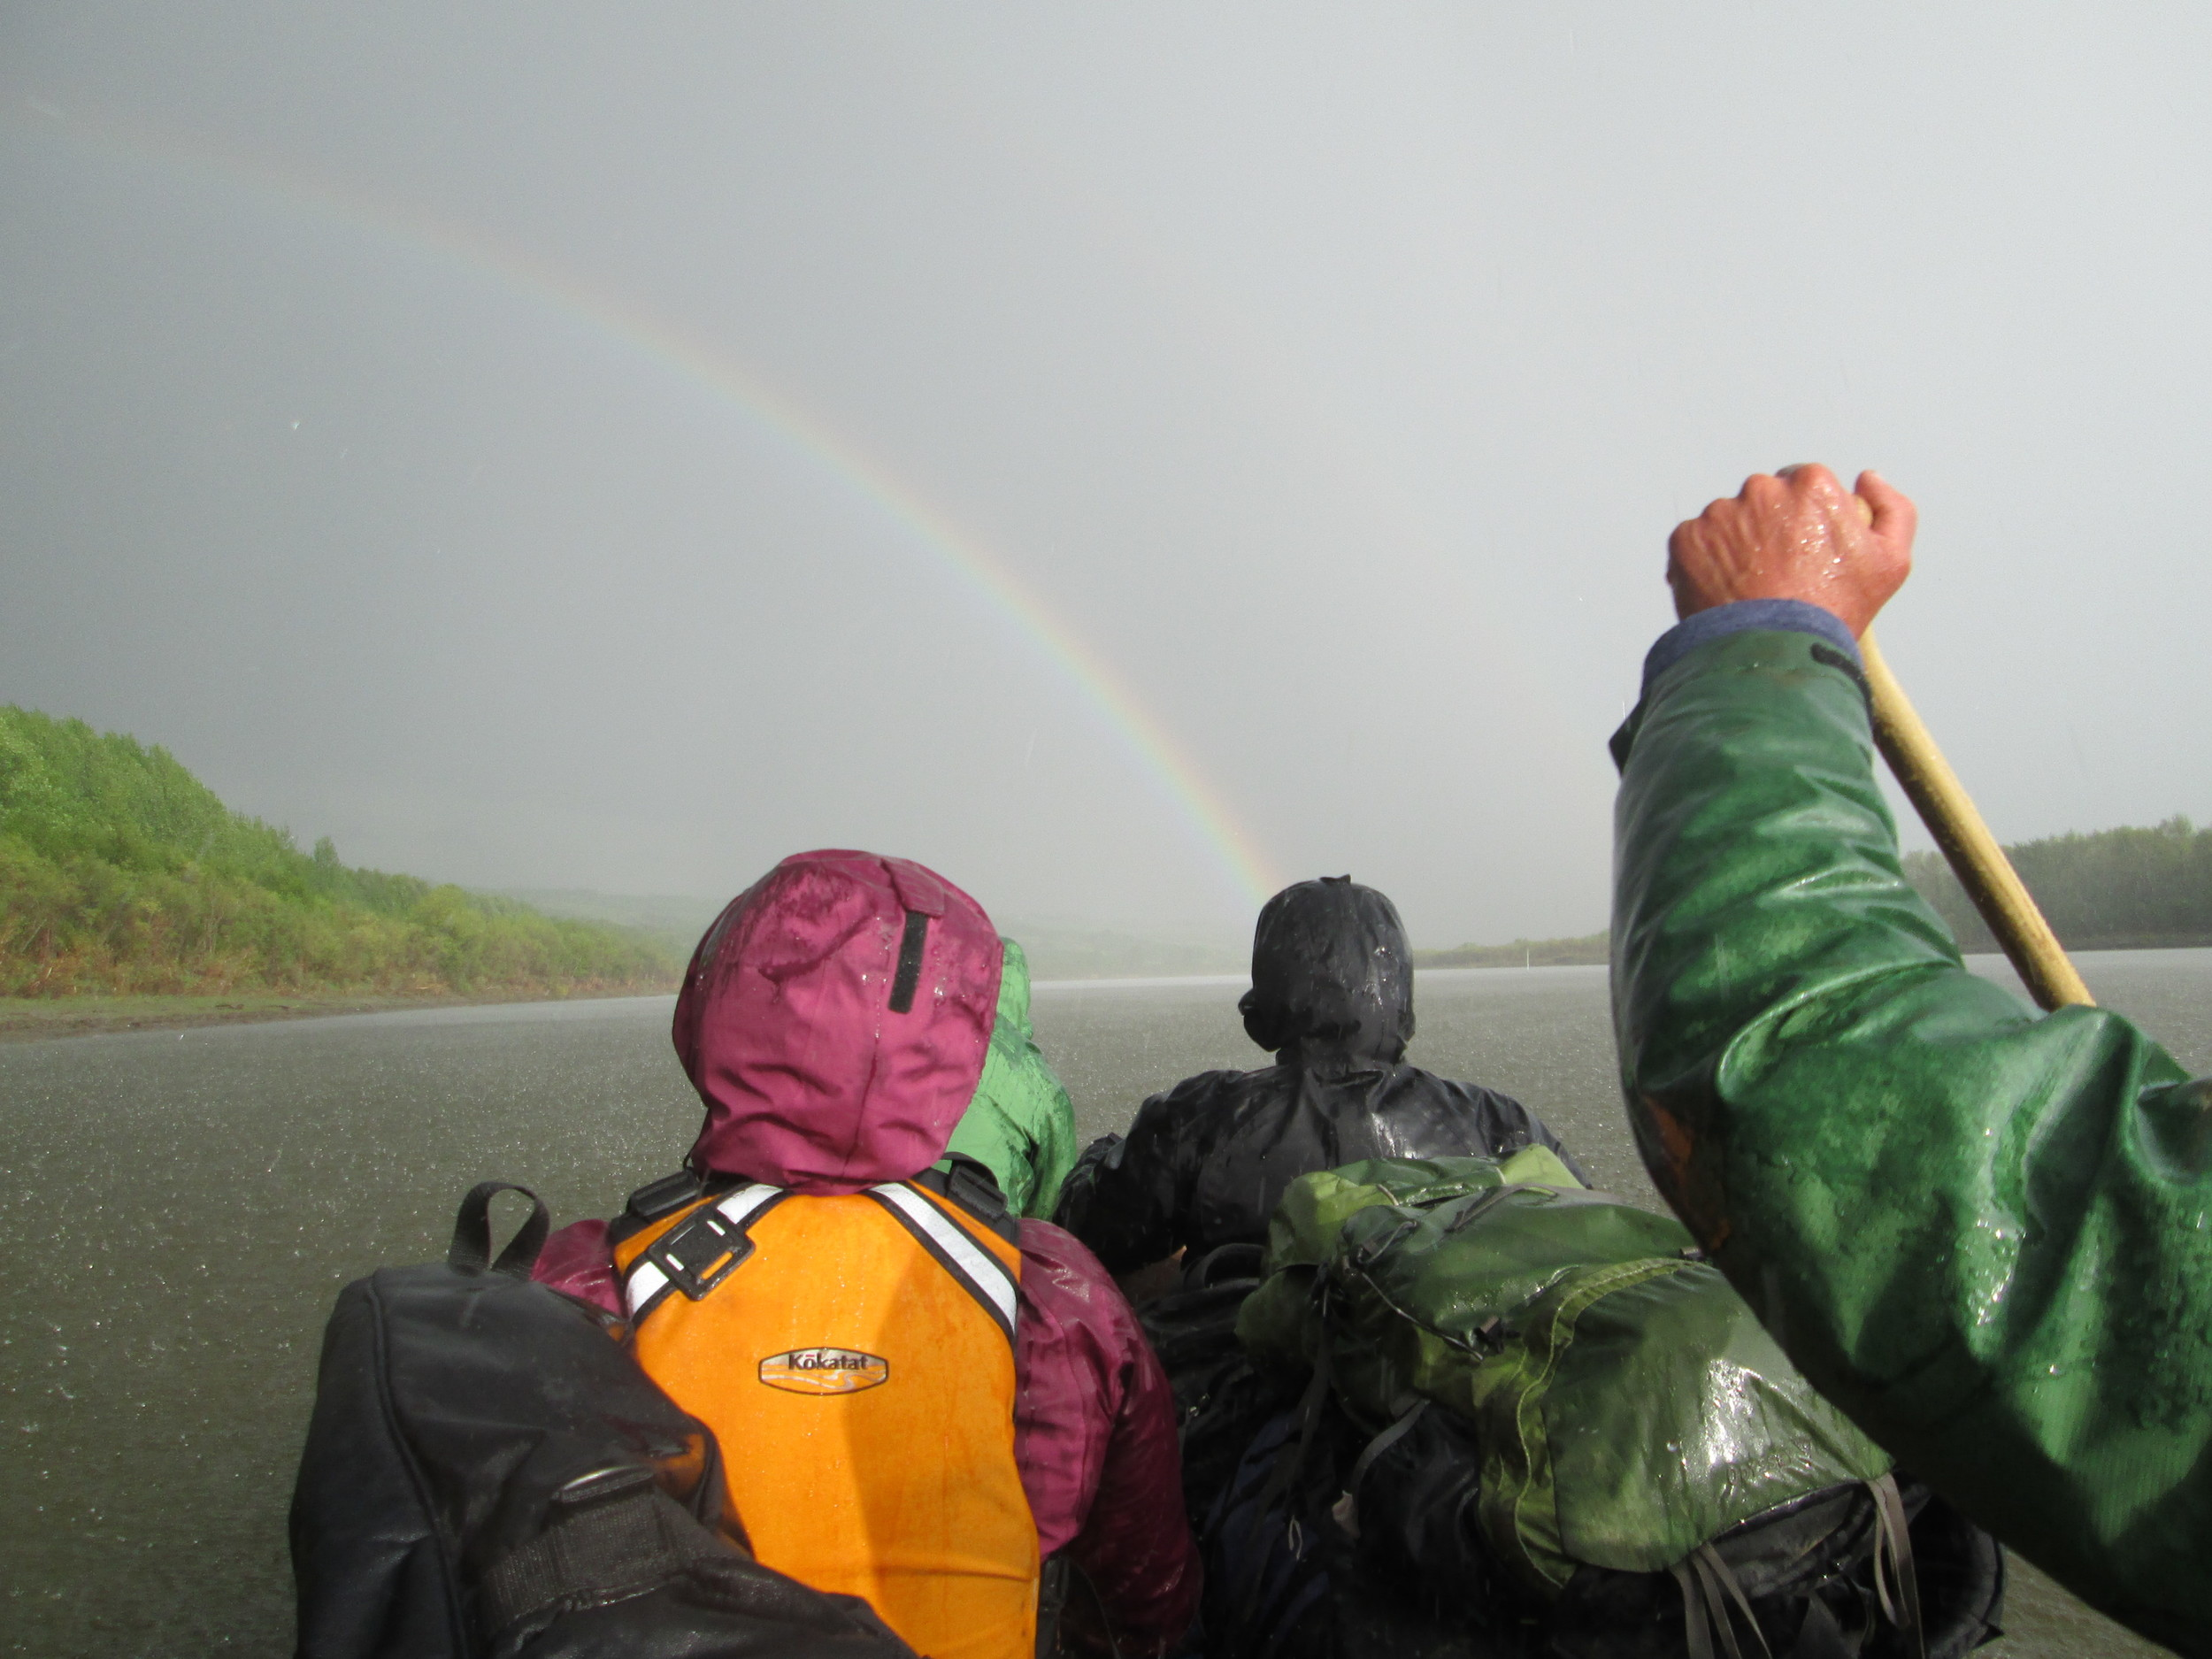 Let it rain...bow